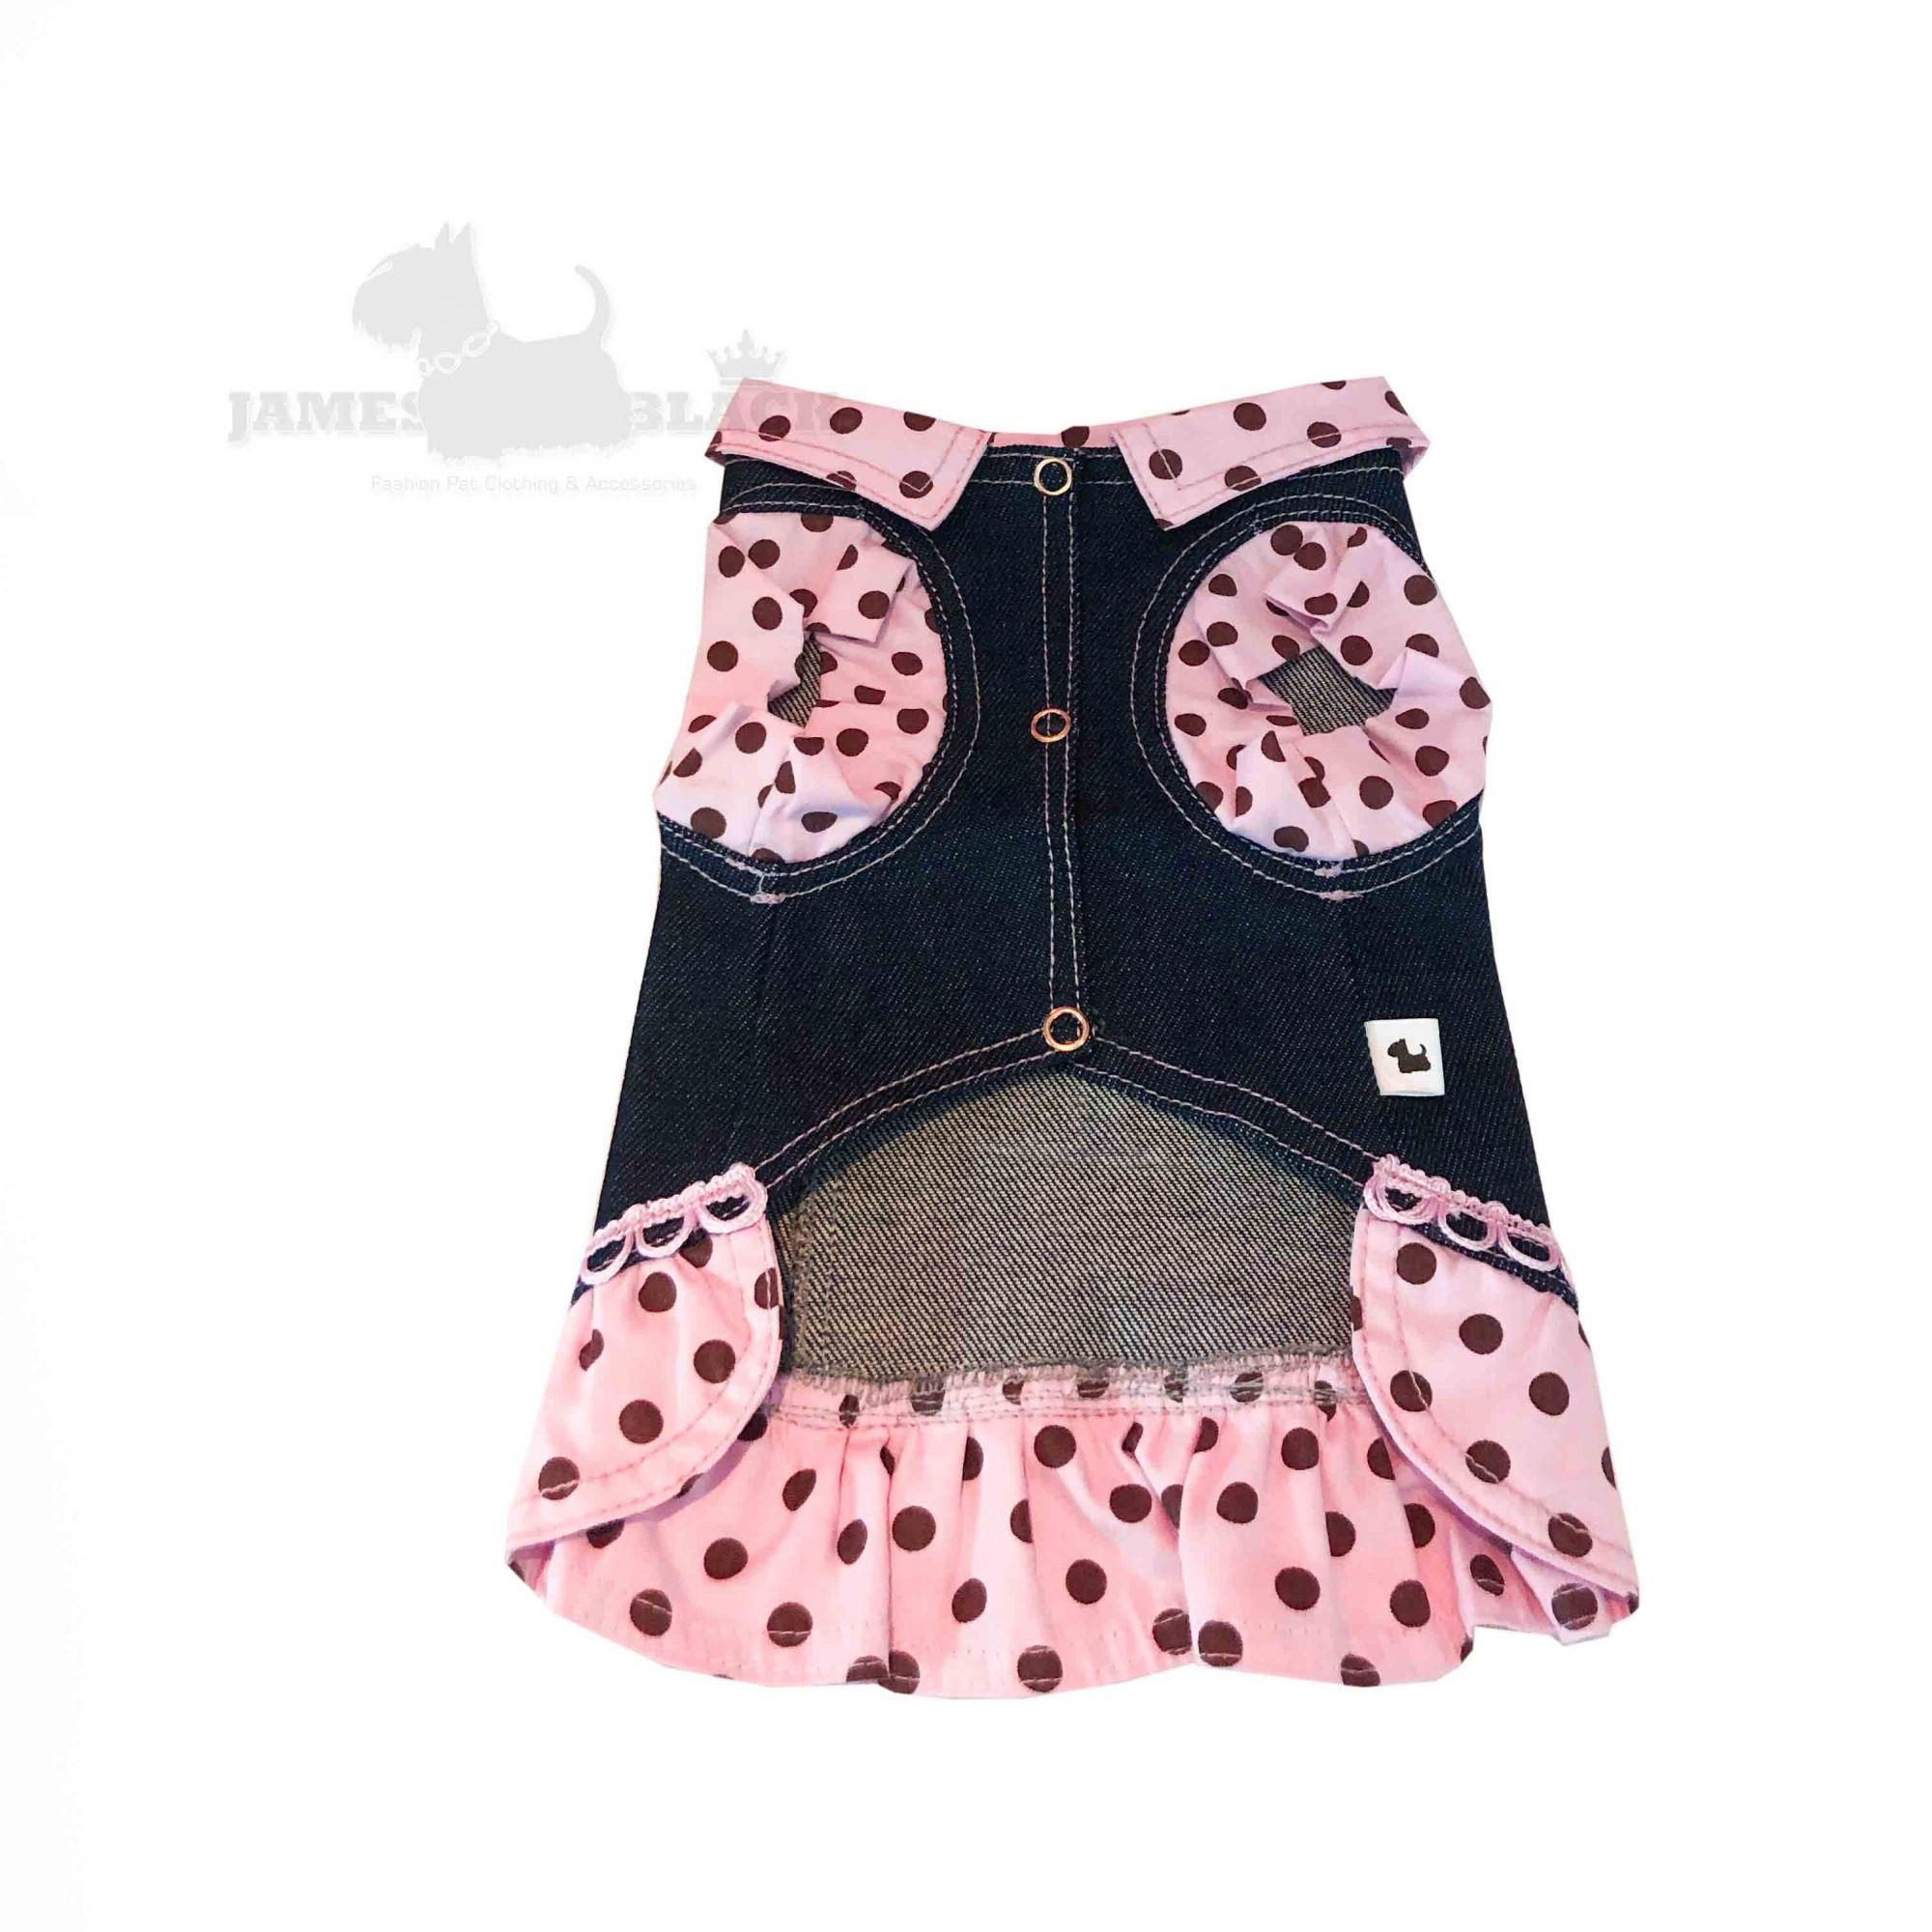 Jaqueta Jeans Pet com detalhes em tecido rosa de bolinhas